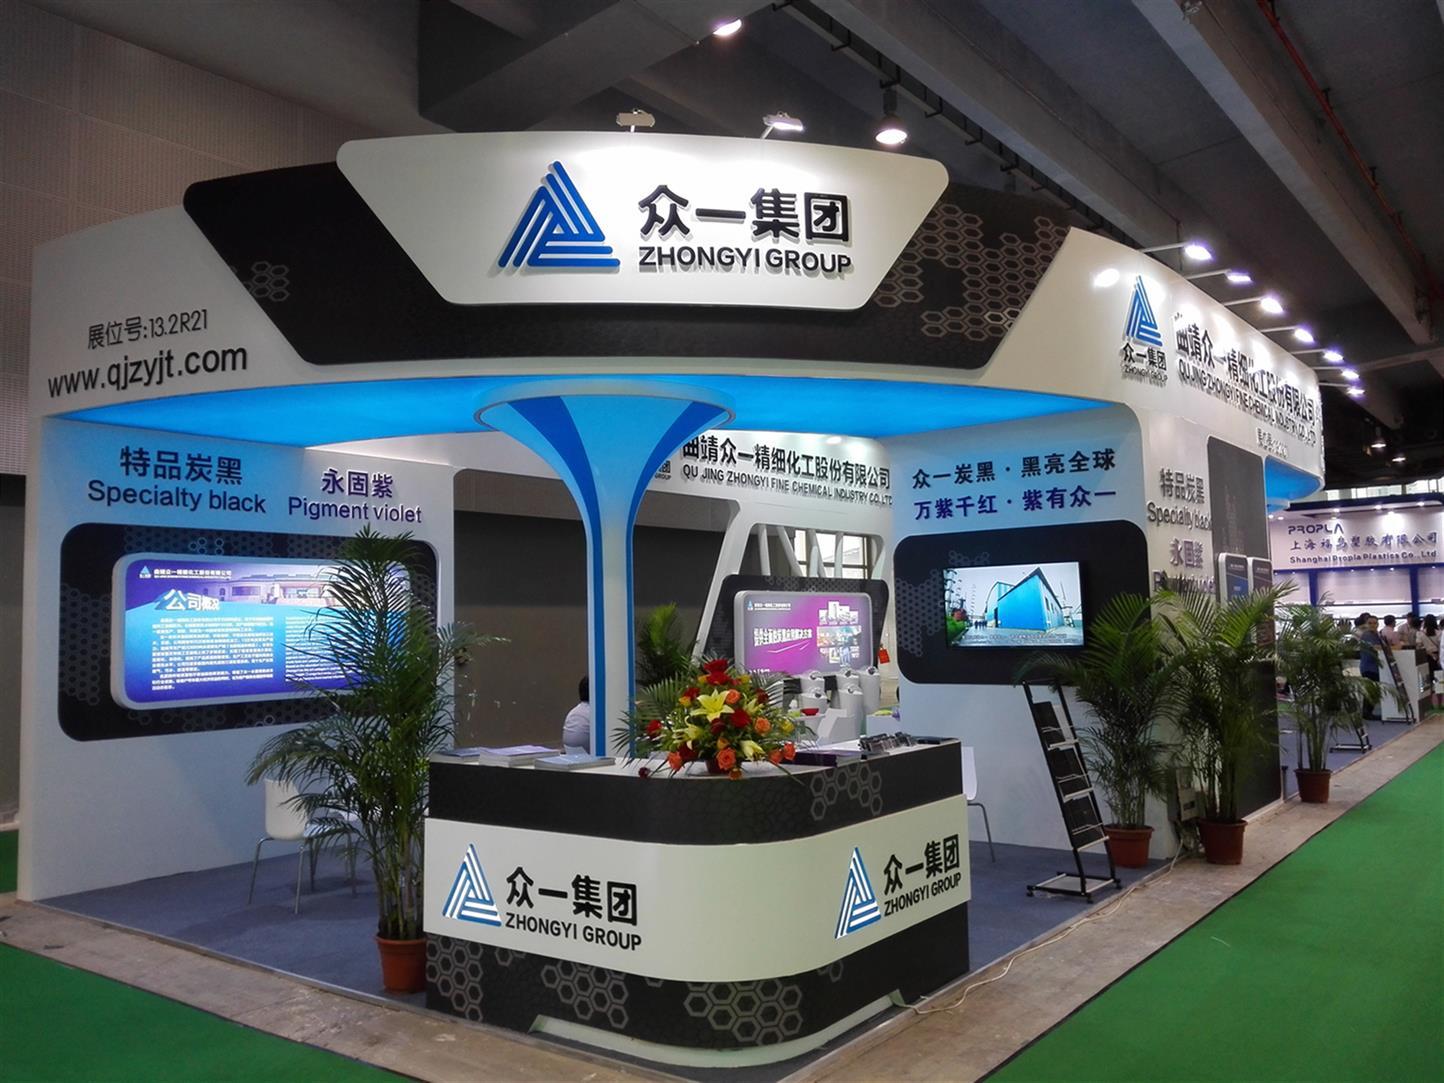 上海橡塑展装修公司